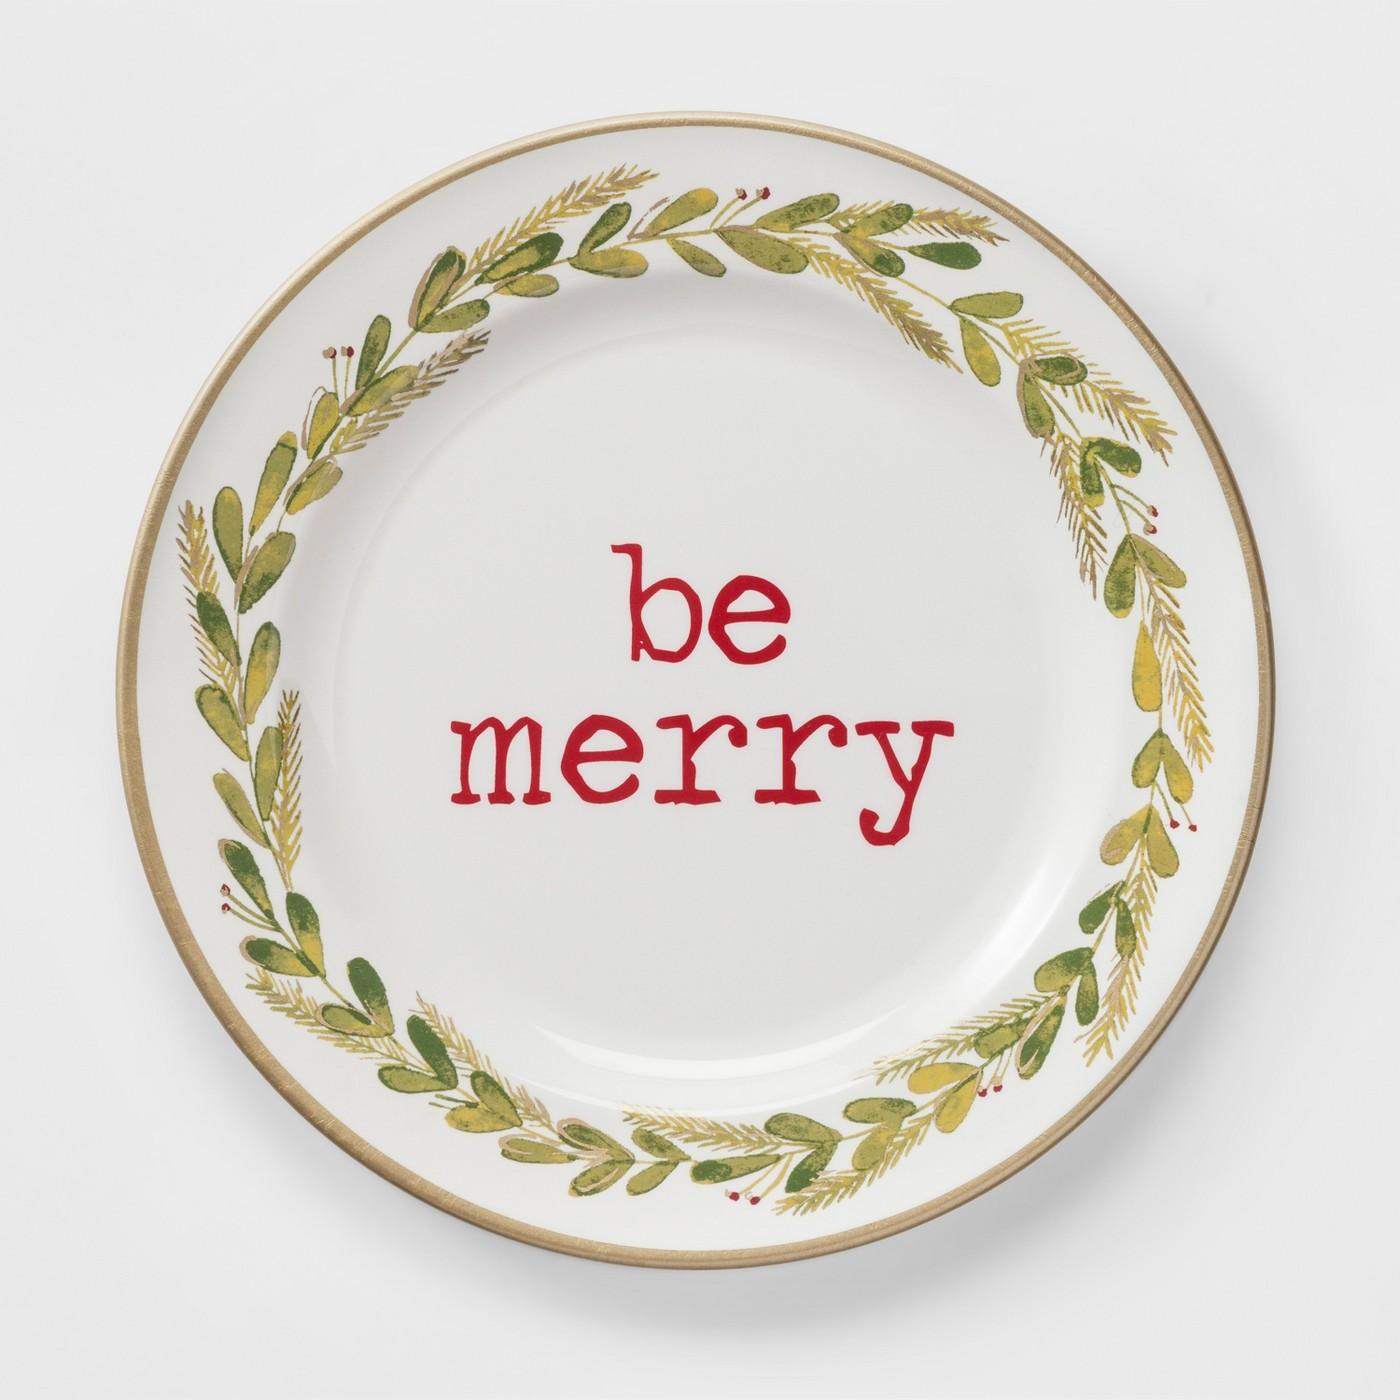 """10.9"""" Plastic Be Merry Dinner Plate White/Green - Thresholdâ""""¢ - image 1 of 2"""